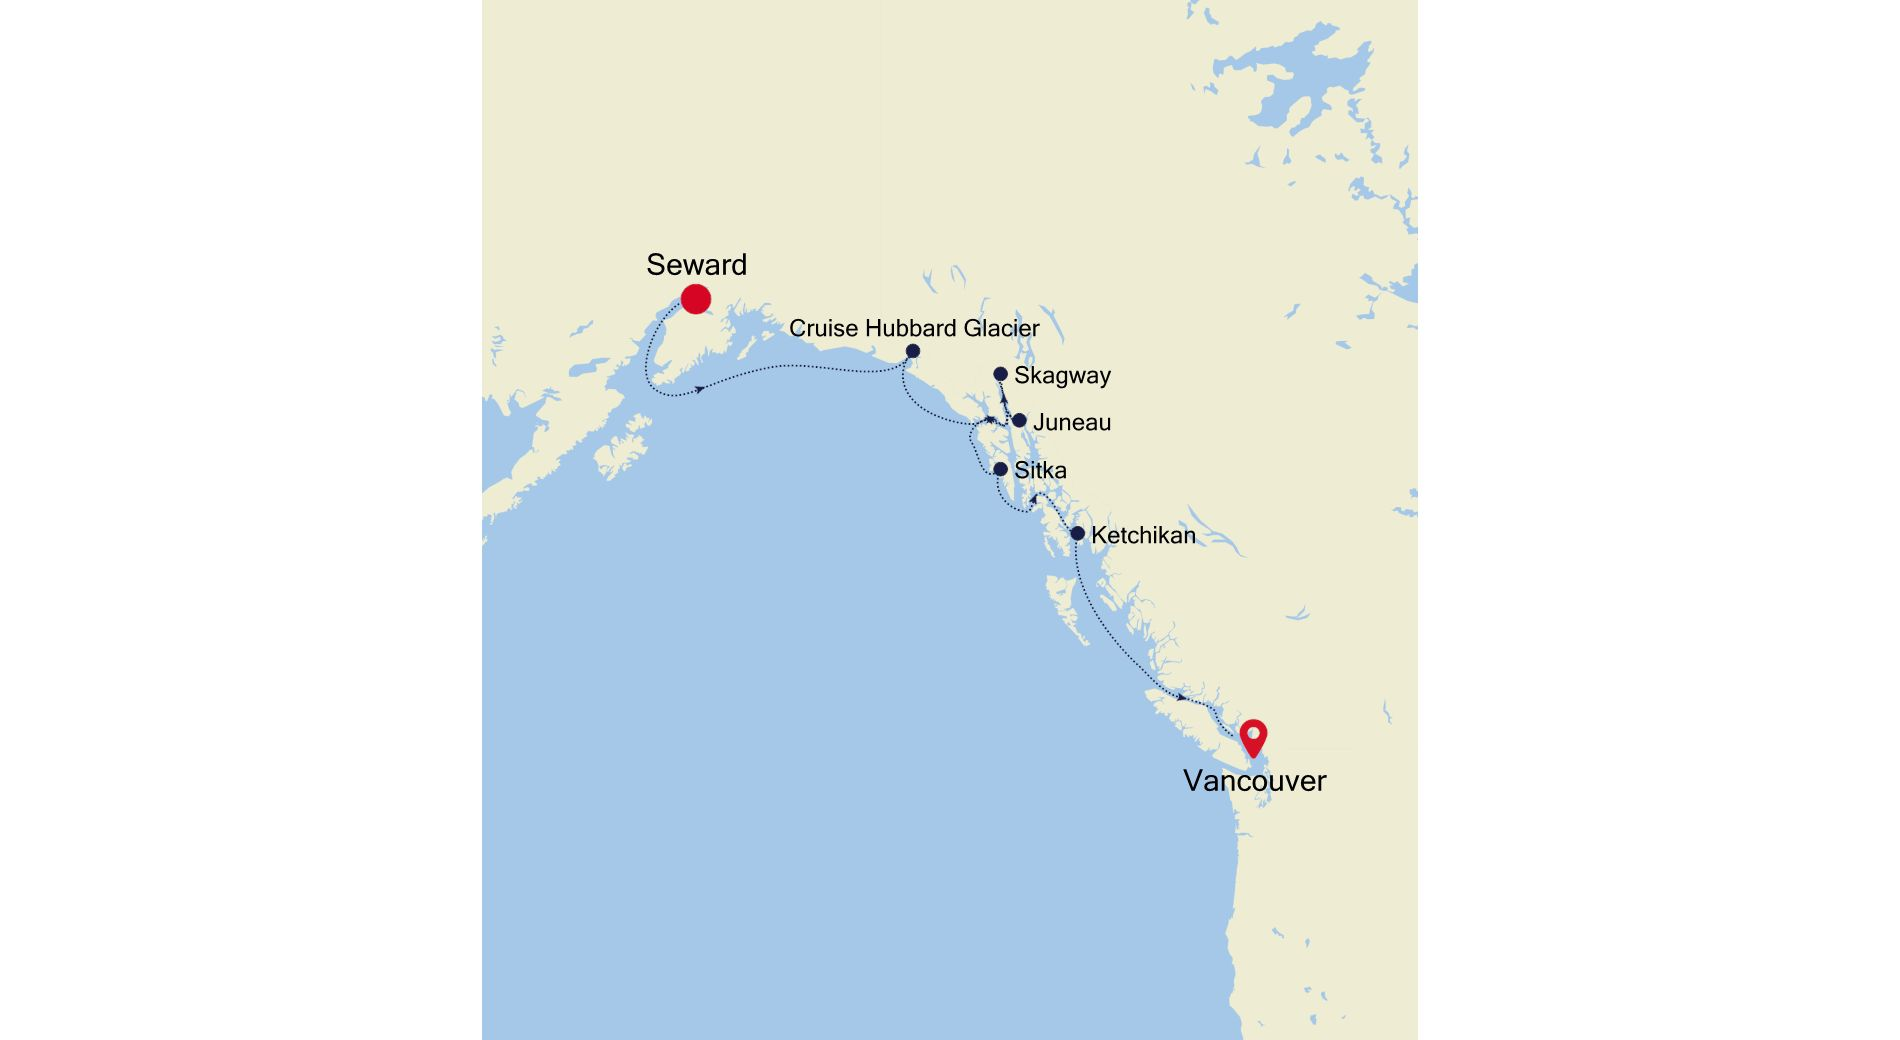 6921 - Seward à Vancouver